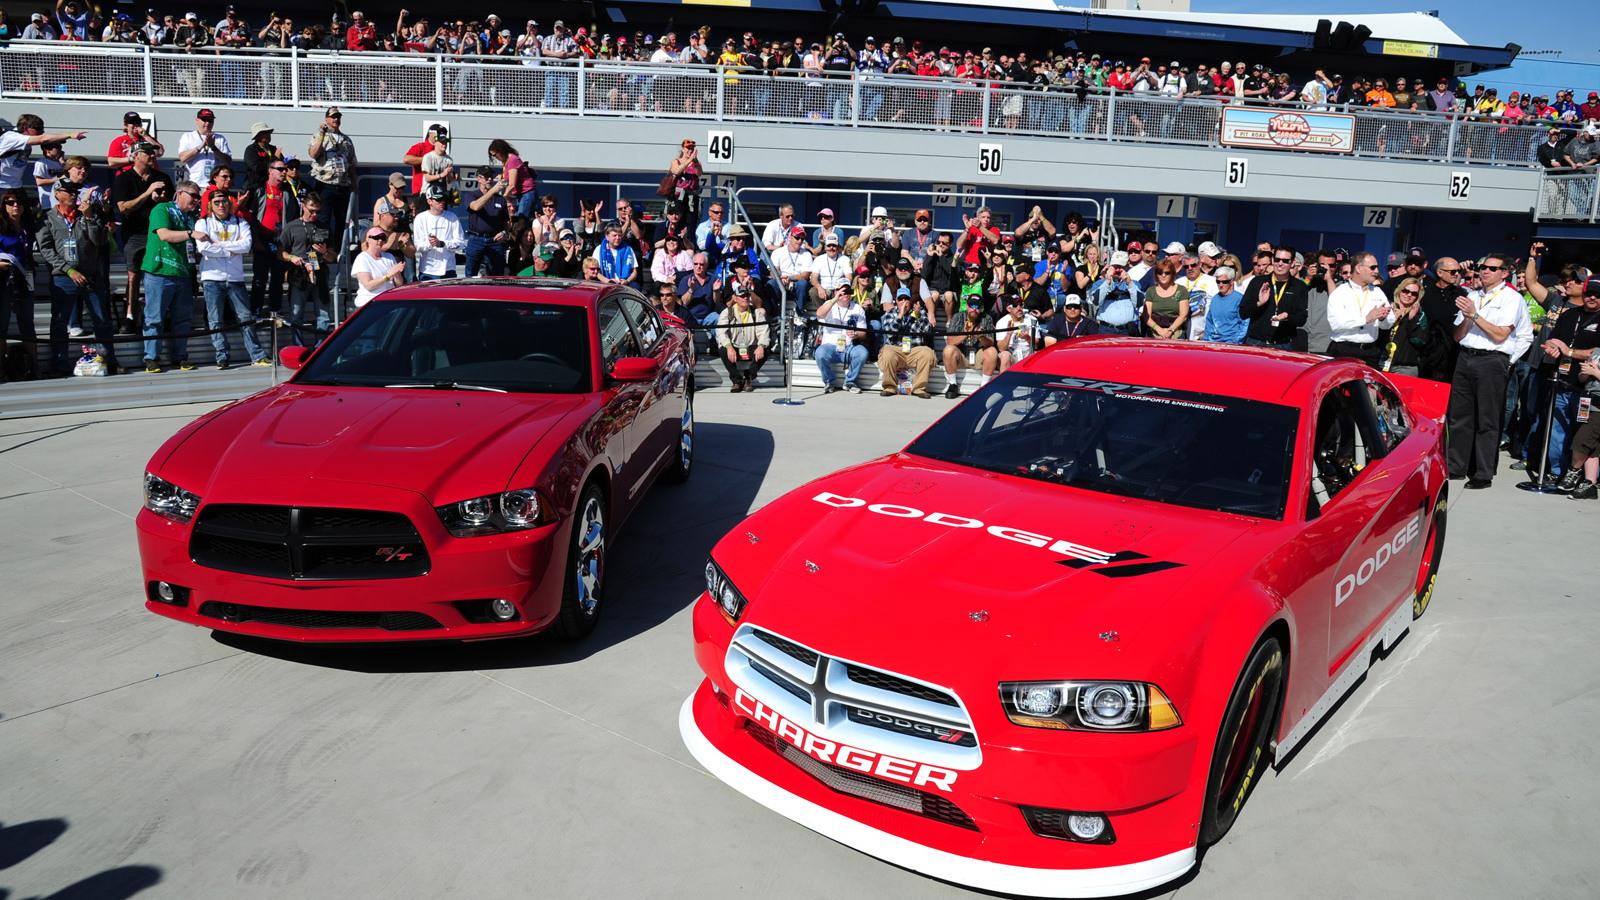 2013 Dodge Charger NASCAR Sprint Cup race car